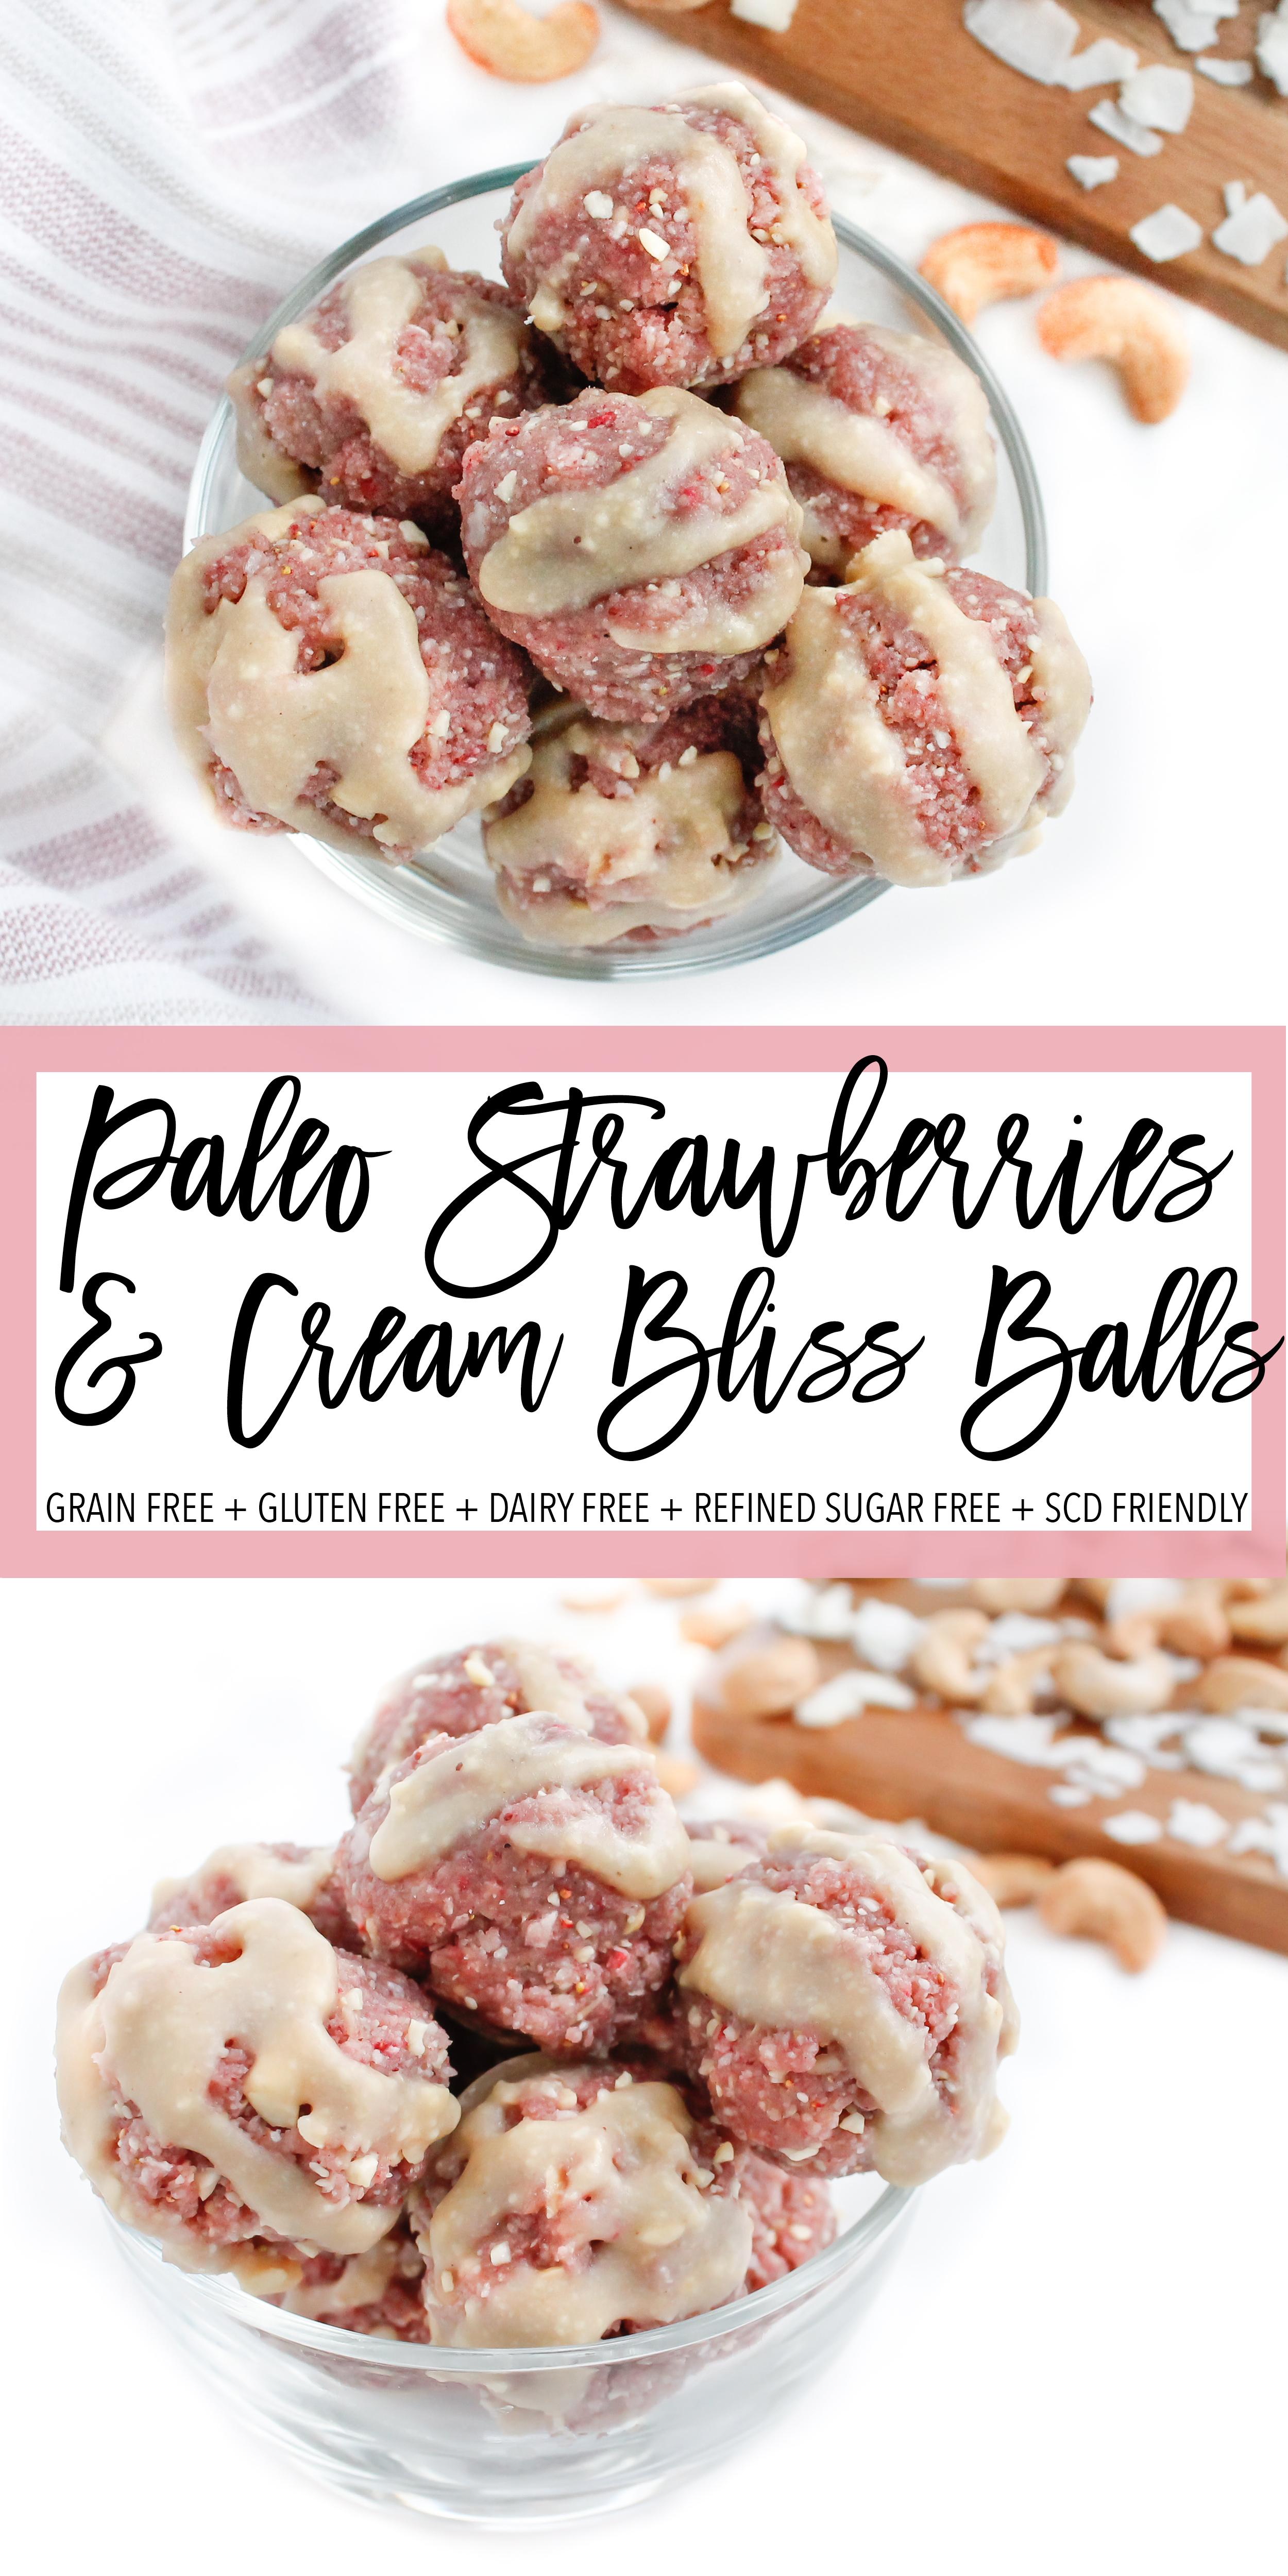 PALEO STRAWBERRIES AND CREAM BLISS BALLS